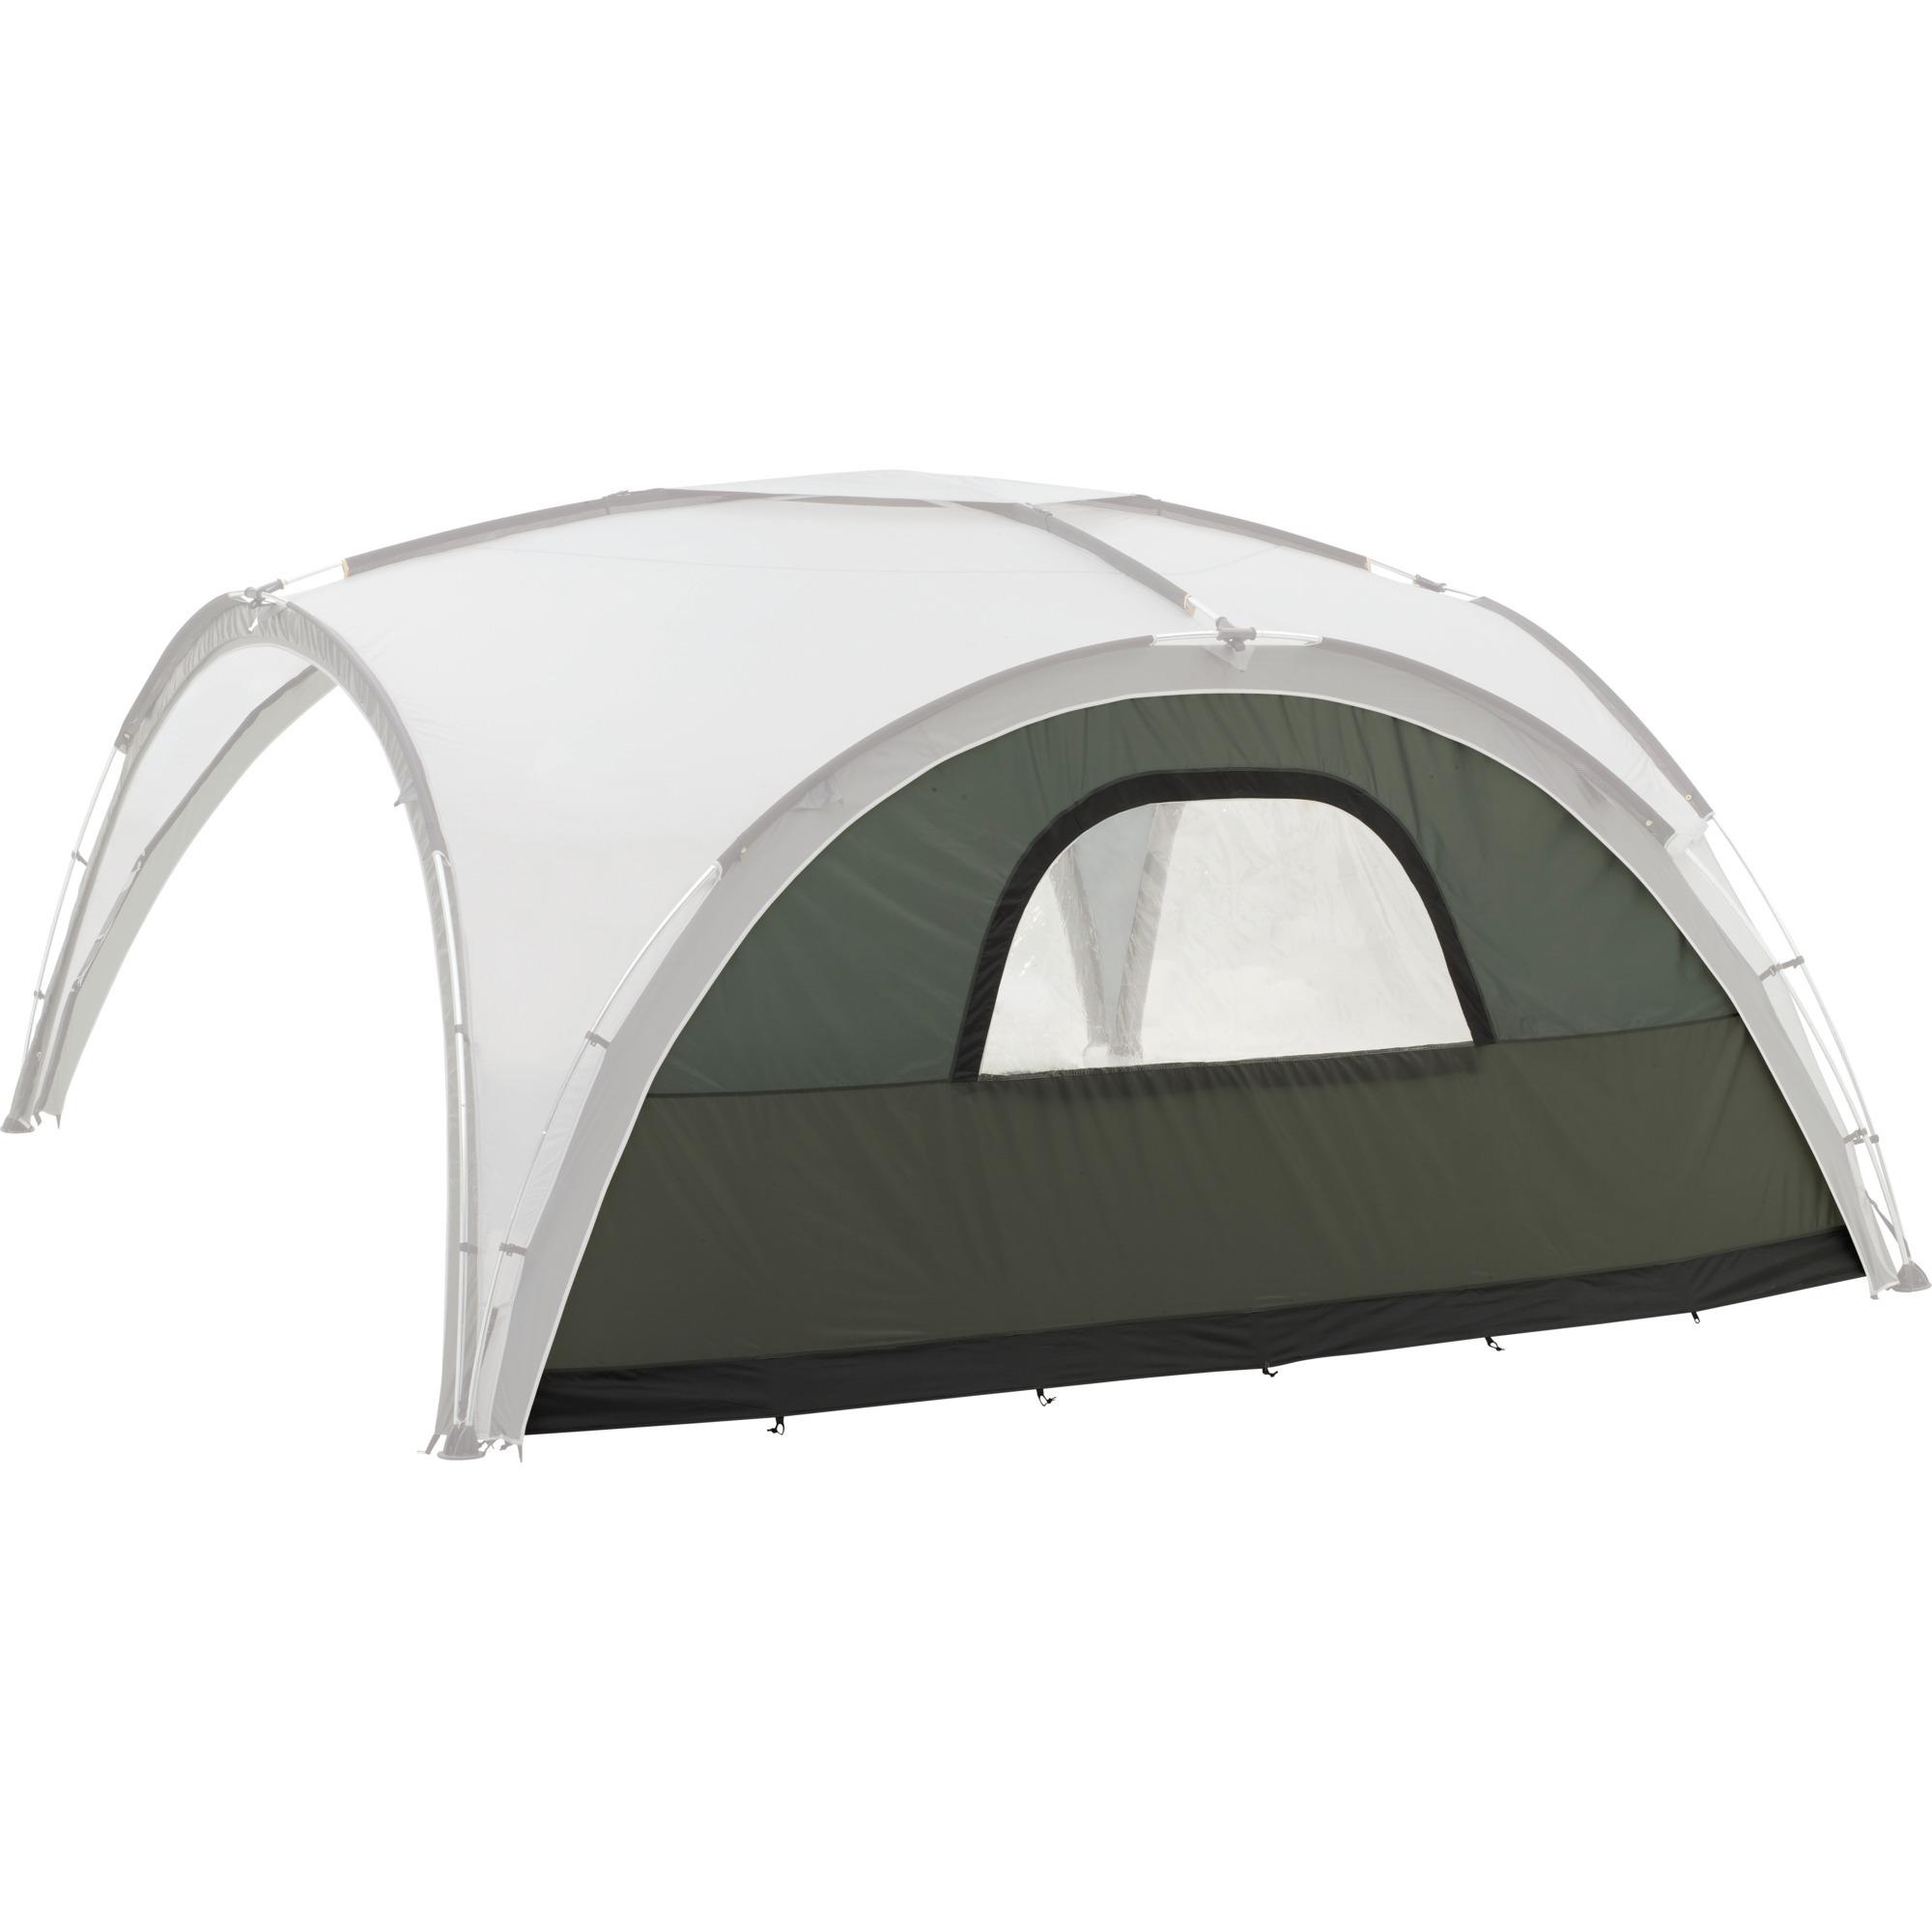 2000011830 toldo y carpa para camping, Lateral